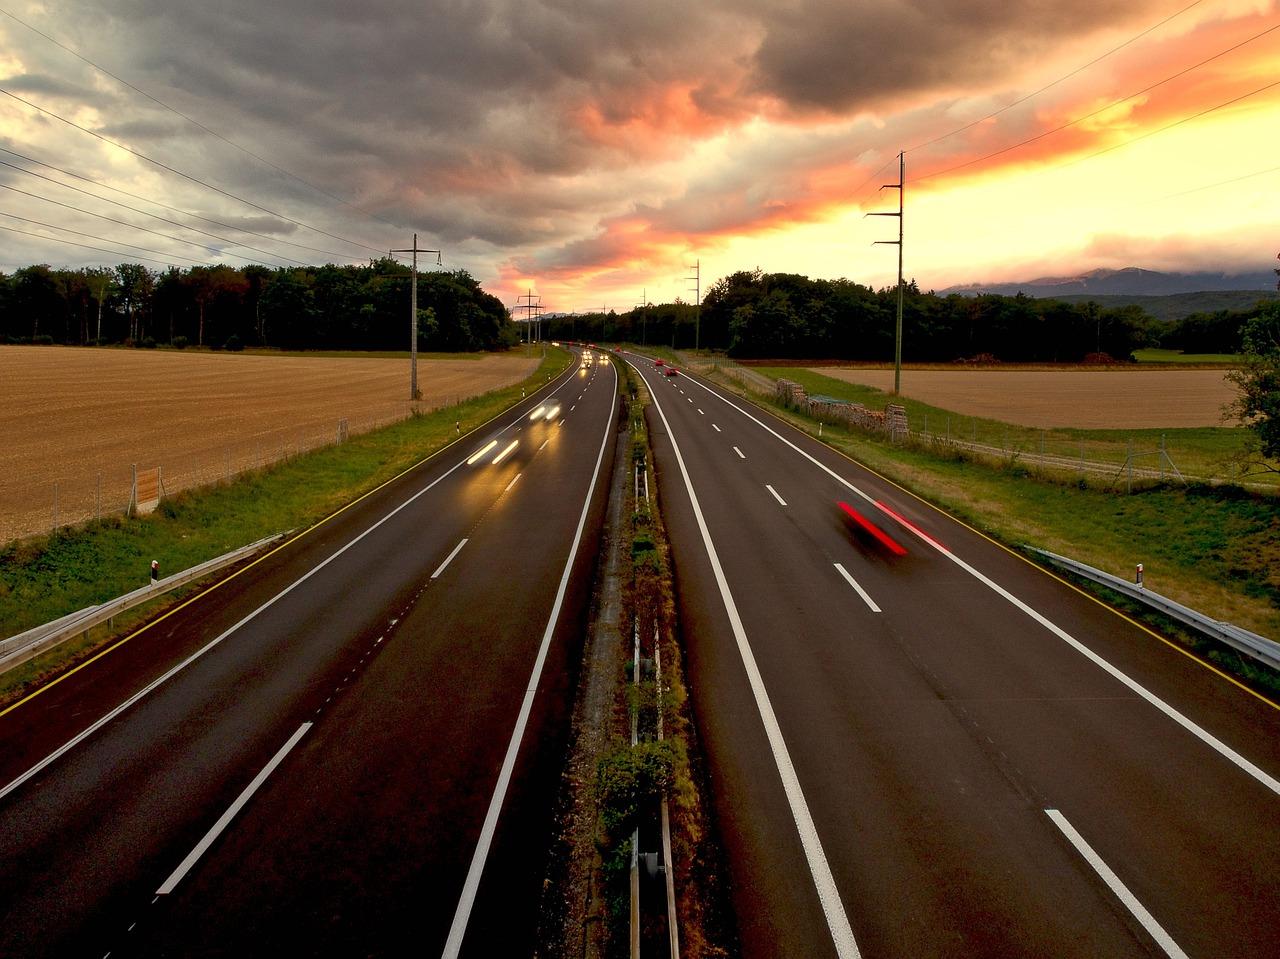 carretera con vehículos con seguro de coche